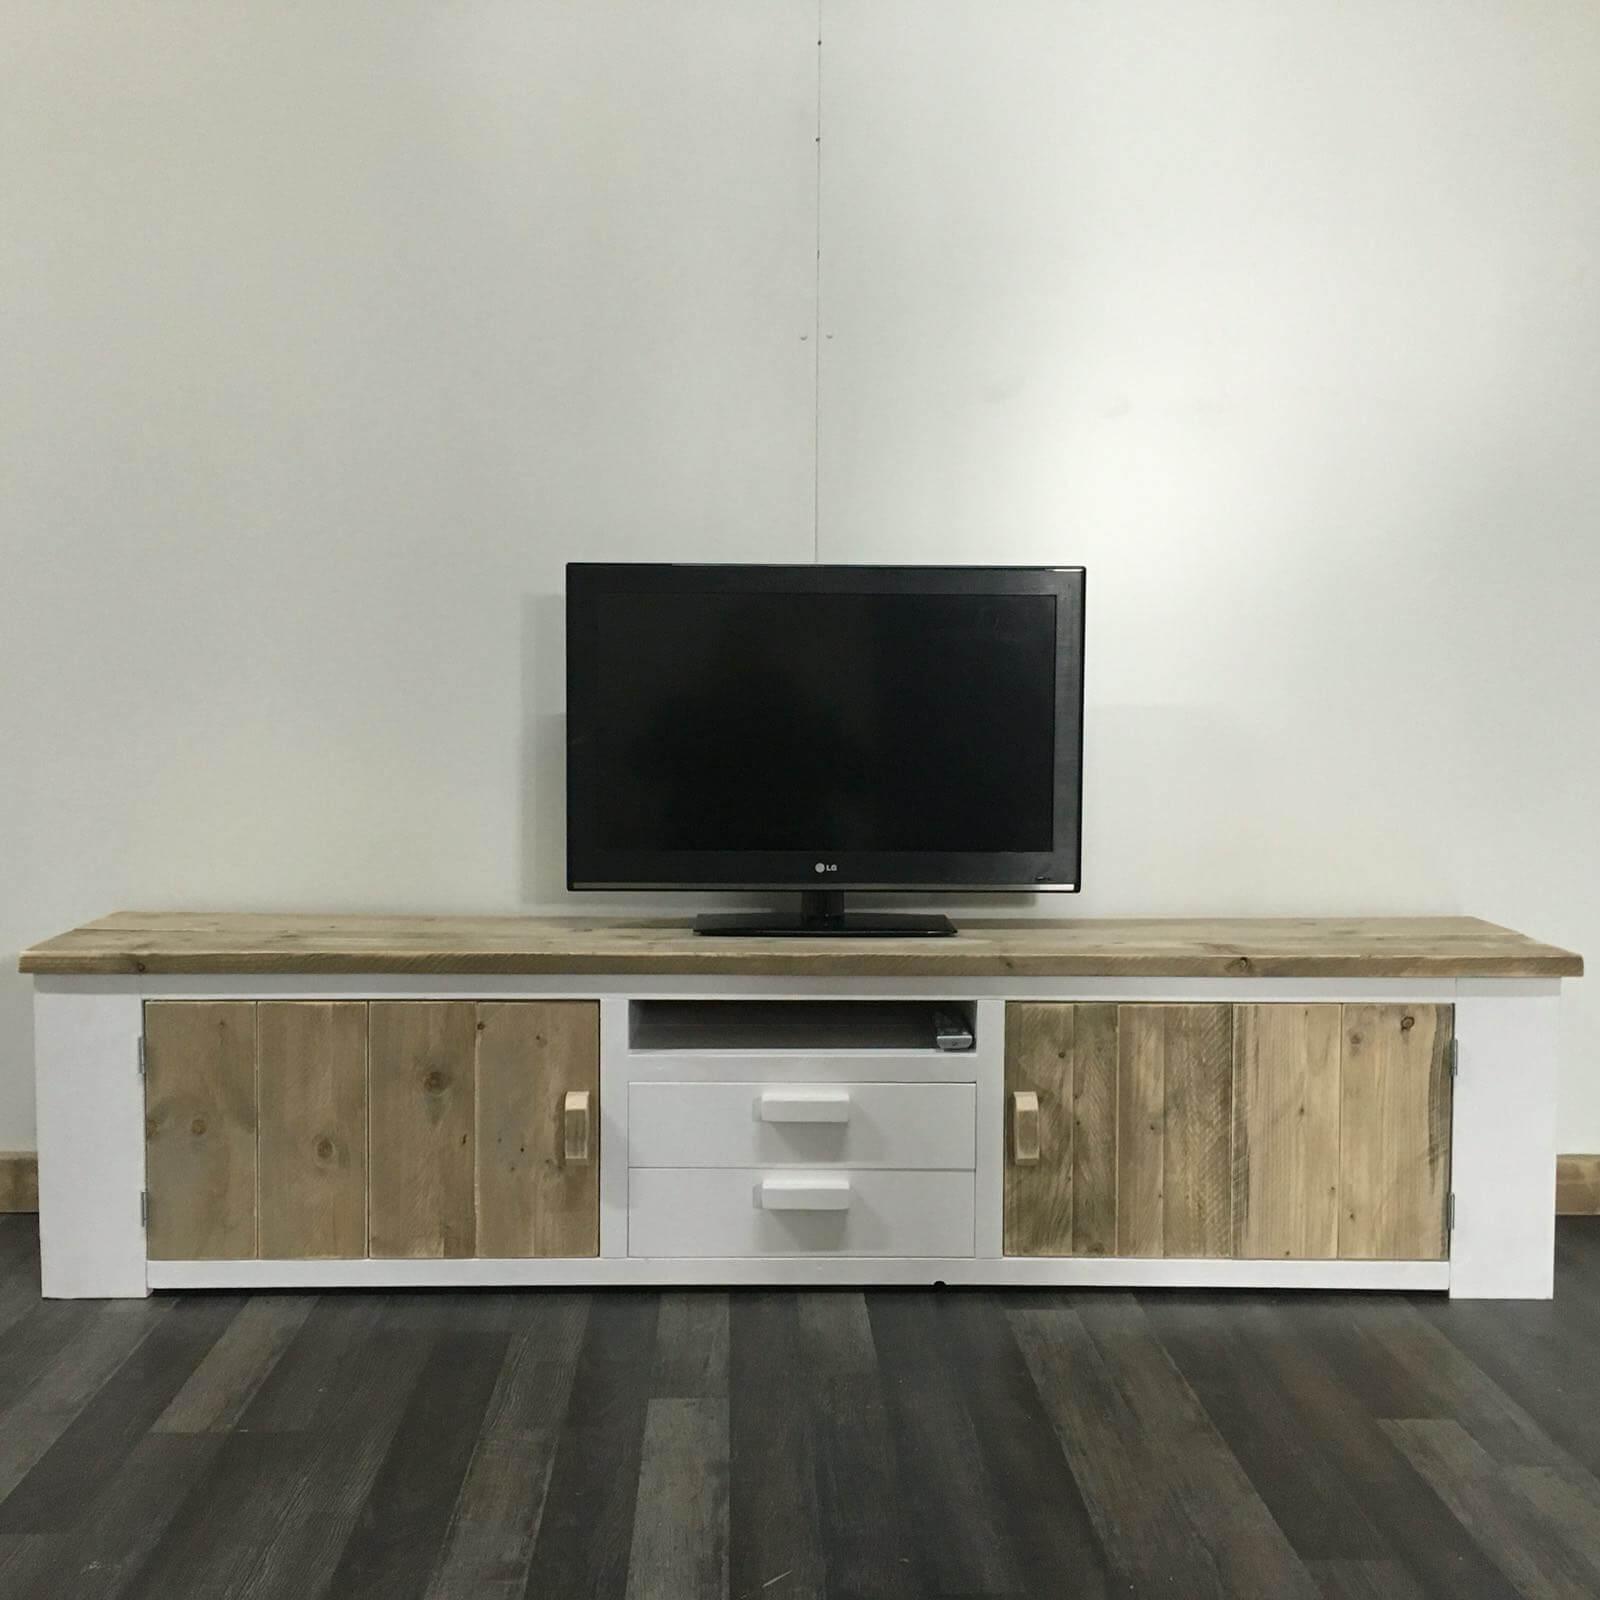 Steigerhouten TV meubels in landelijke stijl – SteigerhoutTrend